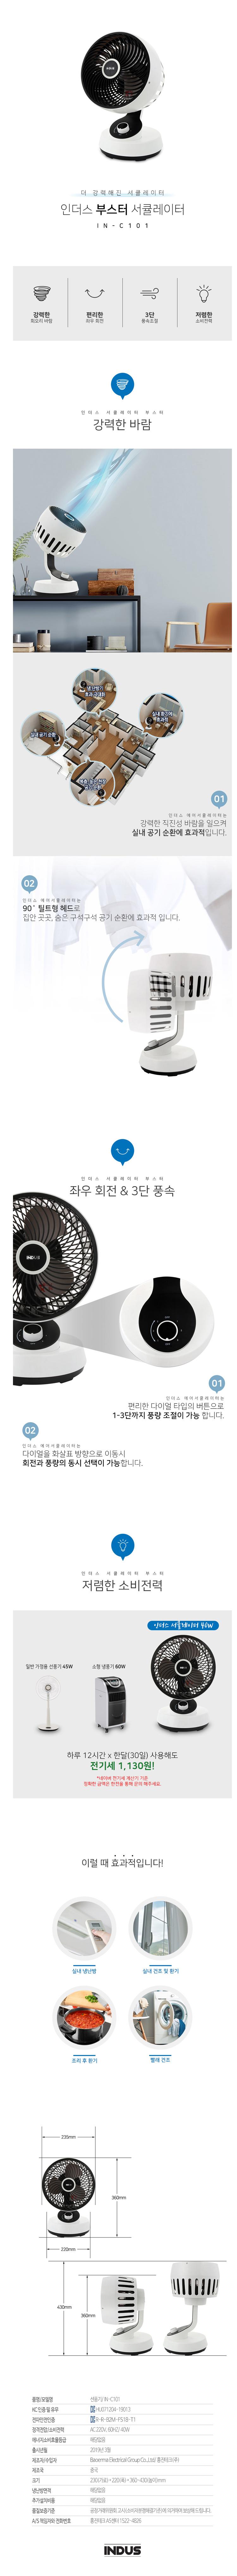 선풍기,서큘레이터,공업용선풍기,데스크형선풍기,냉풍기,업소용선풍기